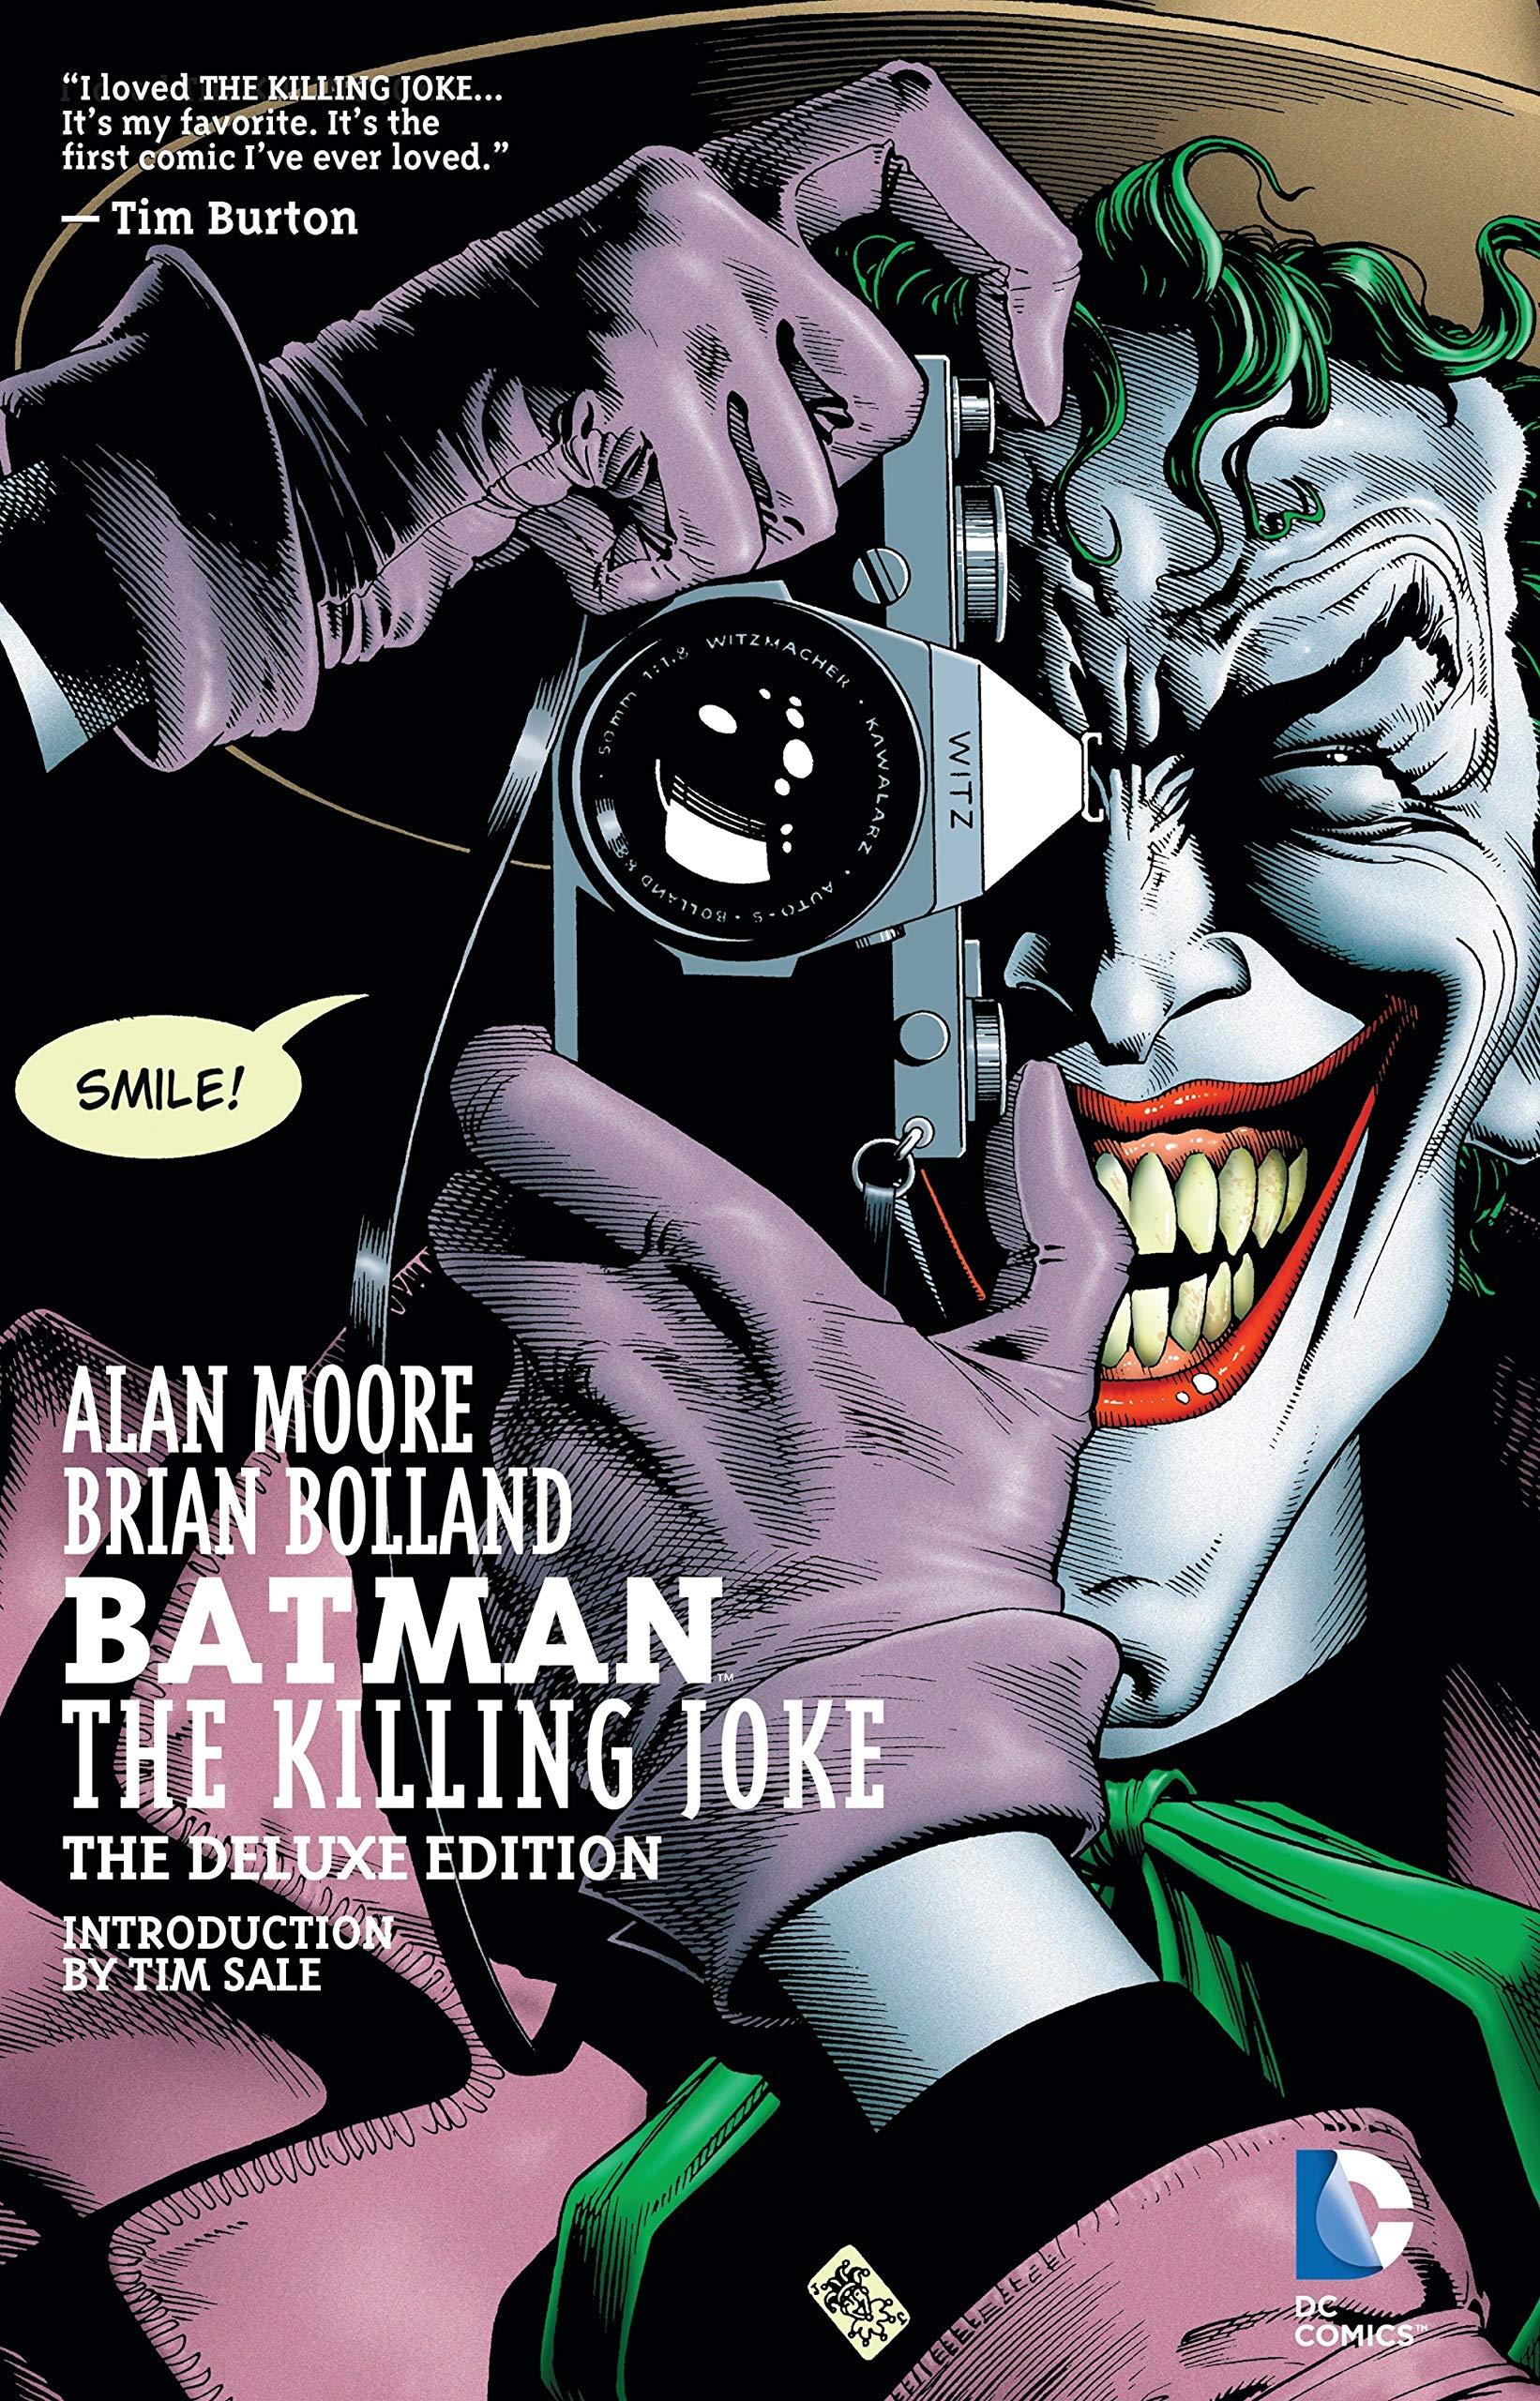 Bìa đầu truyện Batman: The Killing Joke.